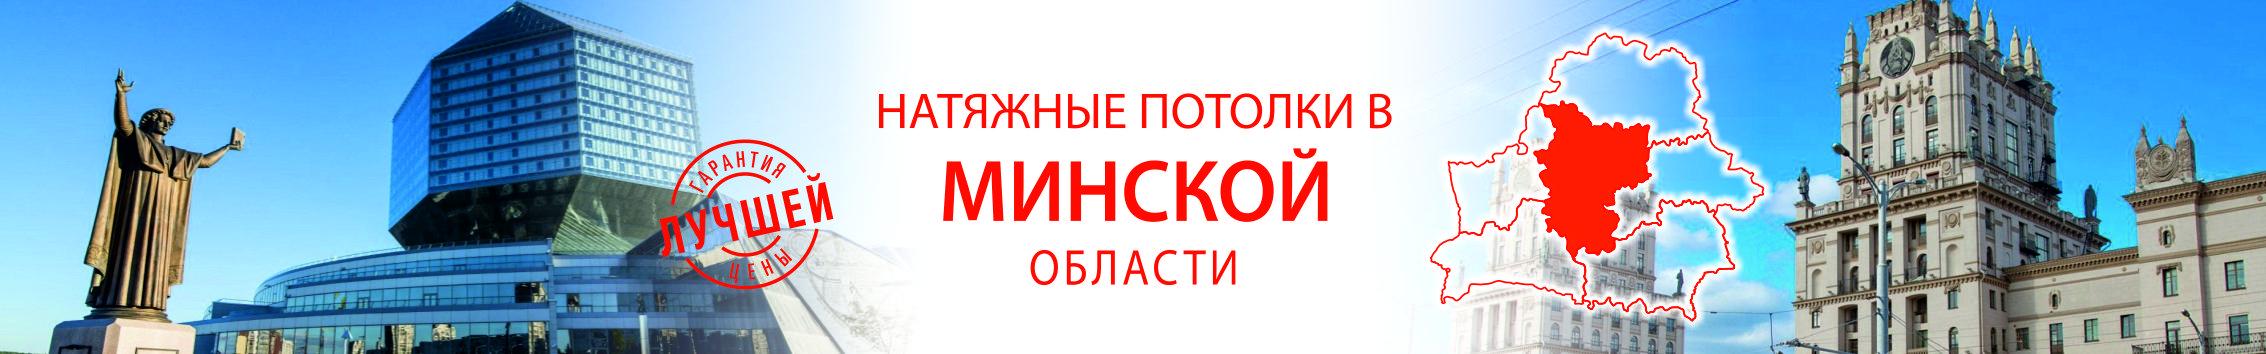 Минская баннер